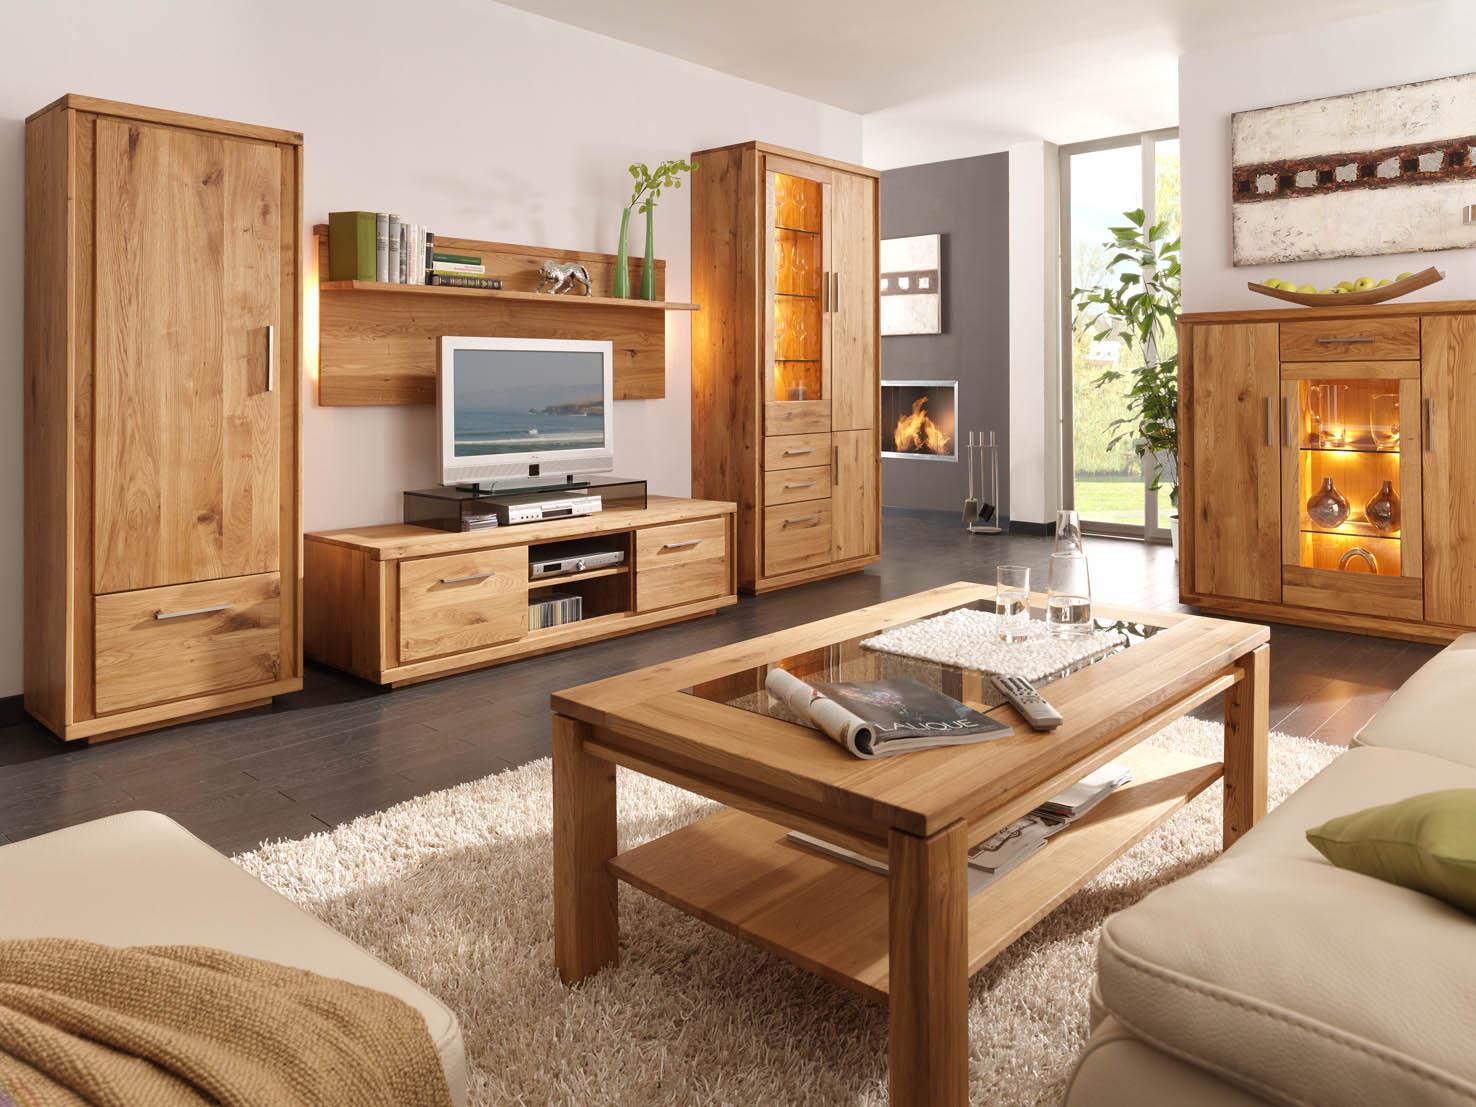 Massivholzmöbel Wohnzimmer : Nauhuri massivholzm?bel wohnzimmer neuesten design